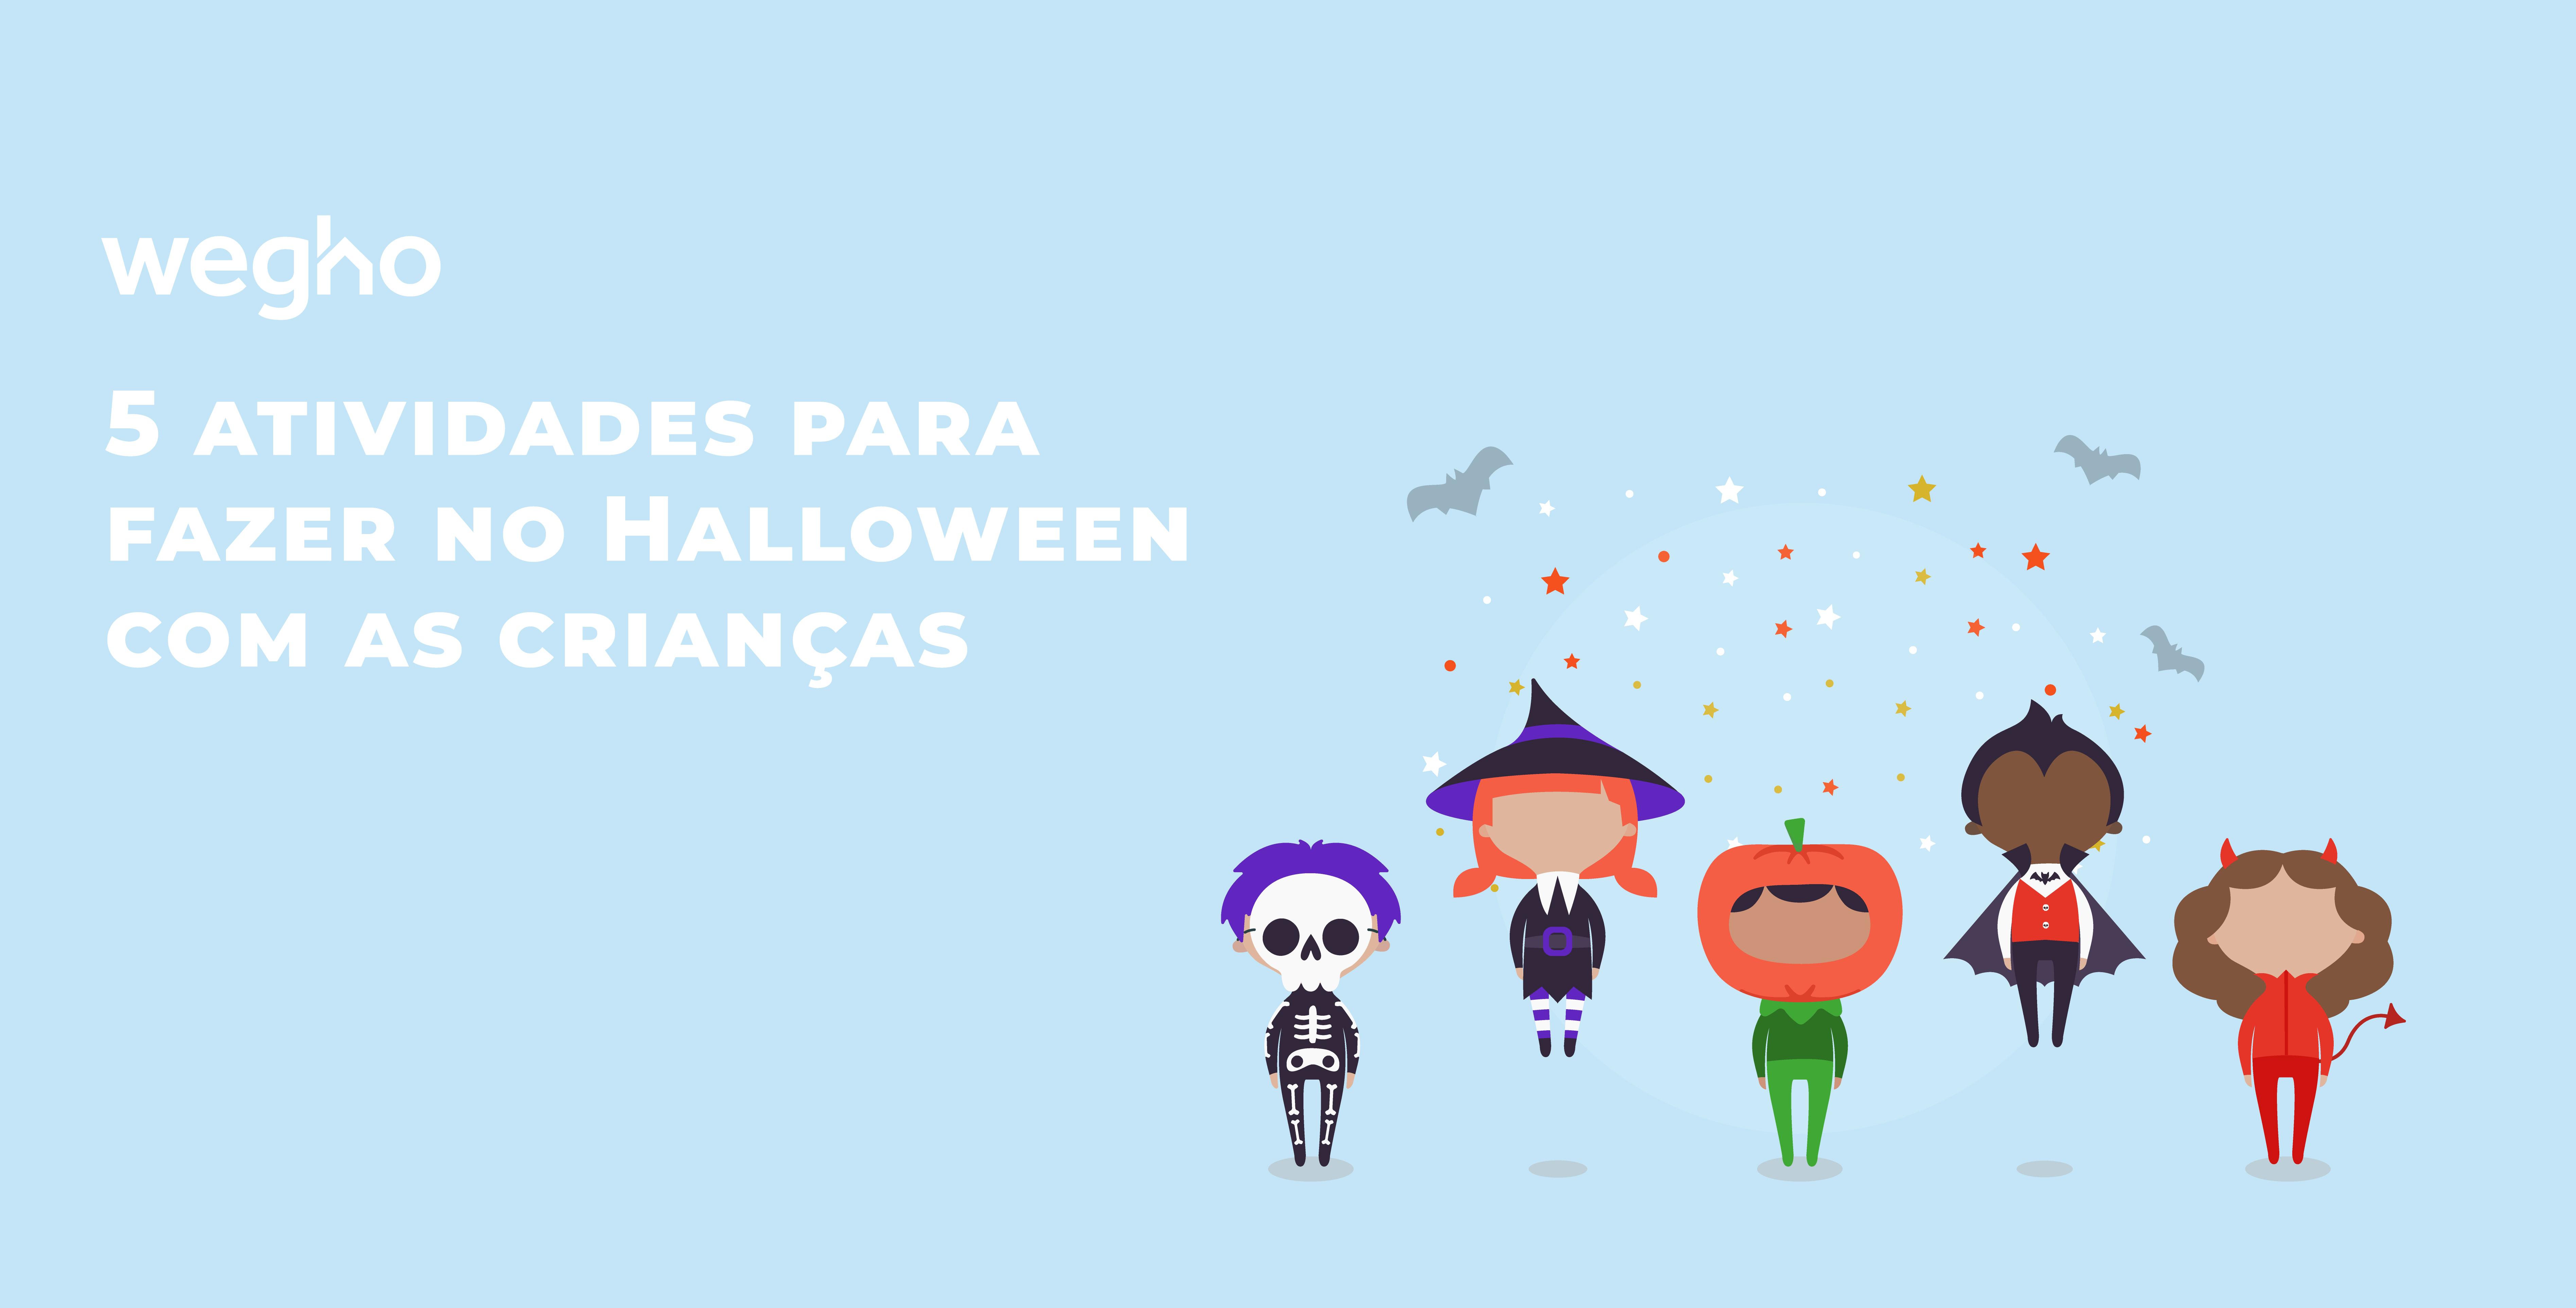 5 atividades para fazer no Halloween com as crianças - Wegho